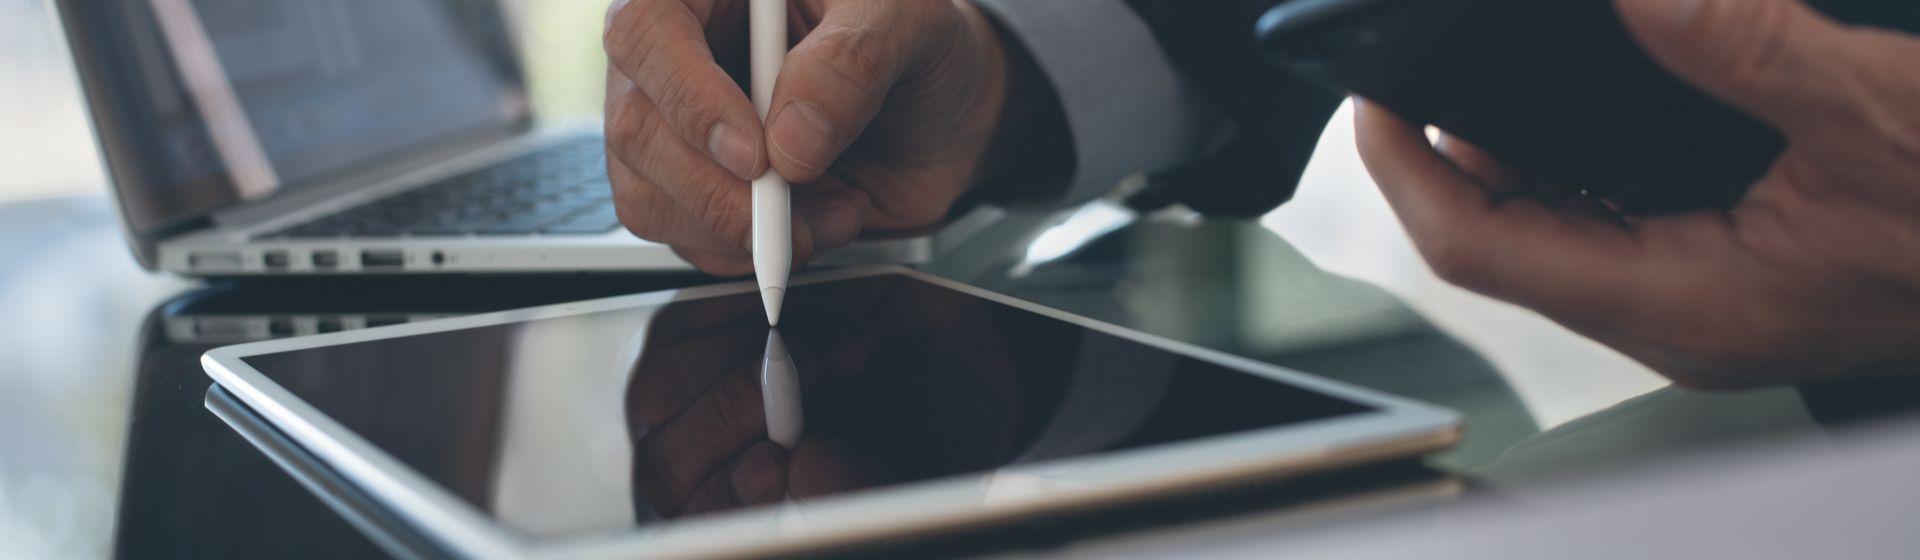 Como fazer assinatura digital? Aprenda métodos rápidos e fáceis